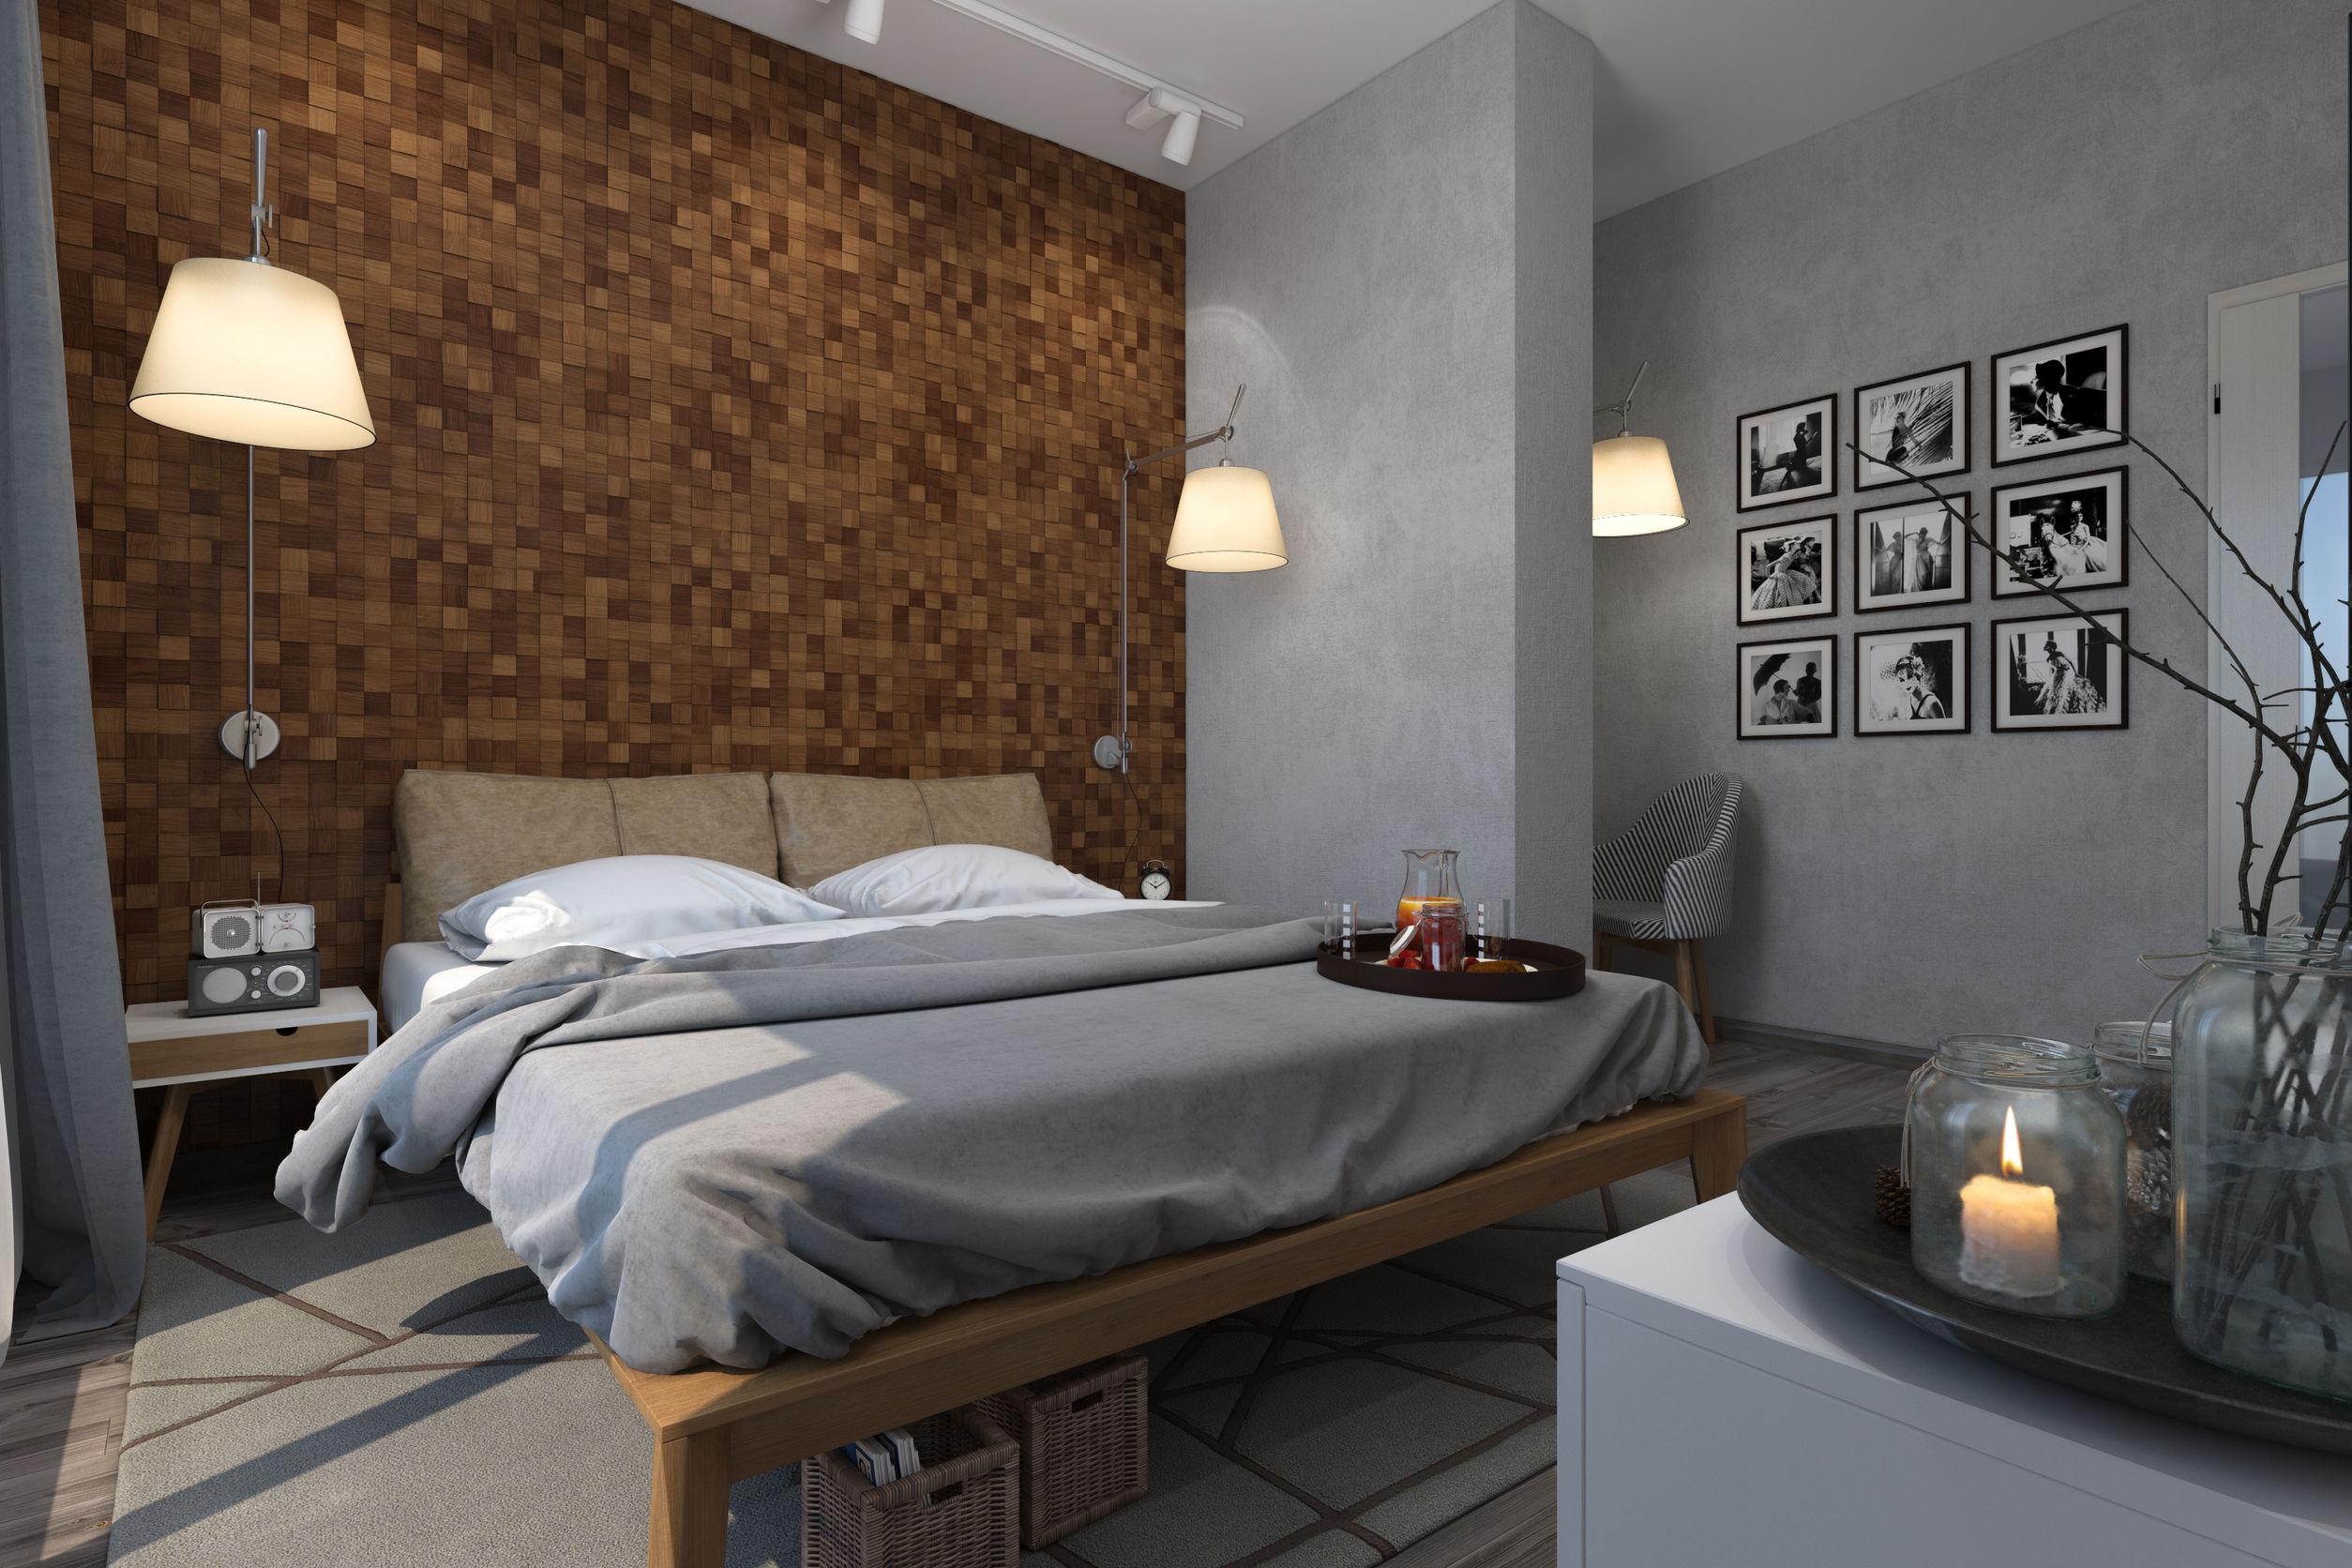 Chambre grise et beige latest amenagement dacoration - Chambre grise et beige ...